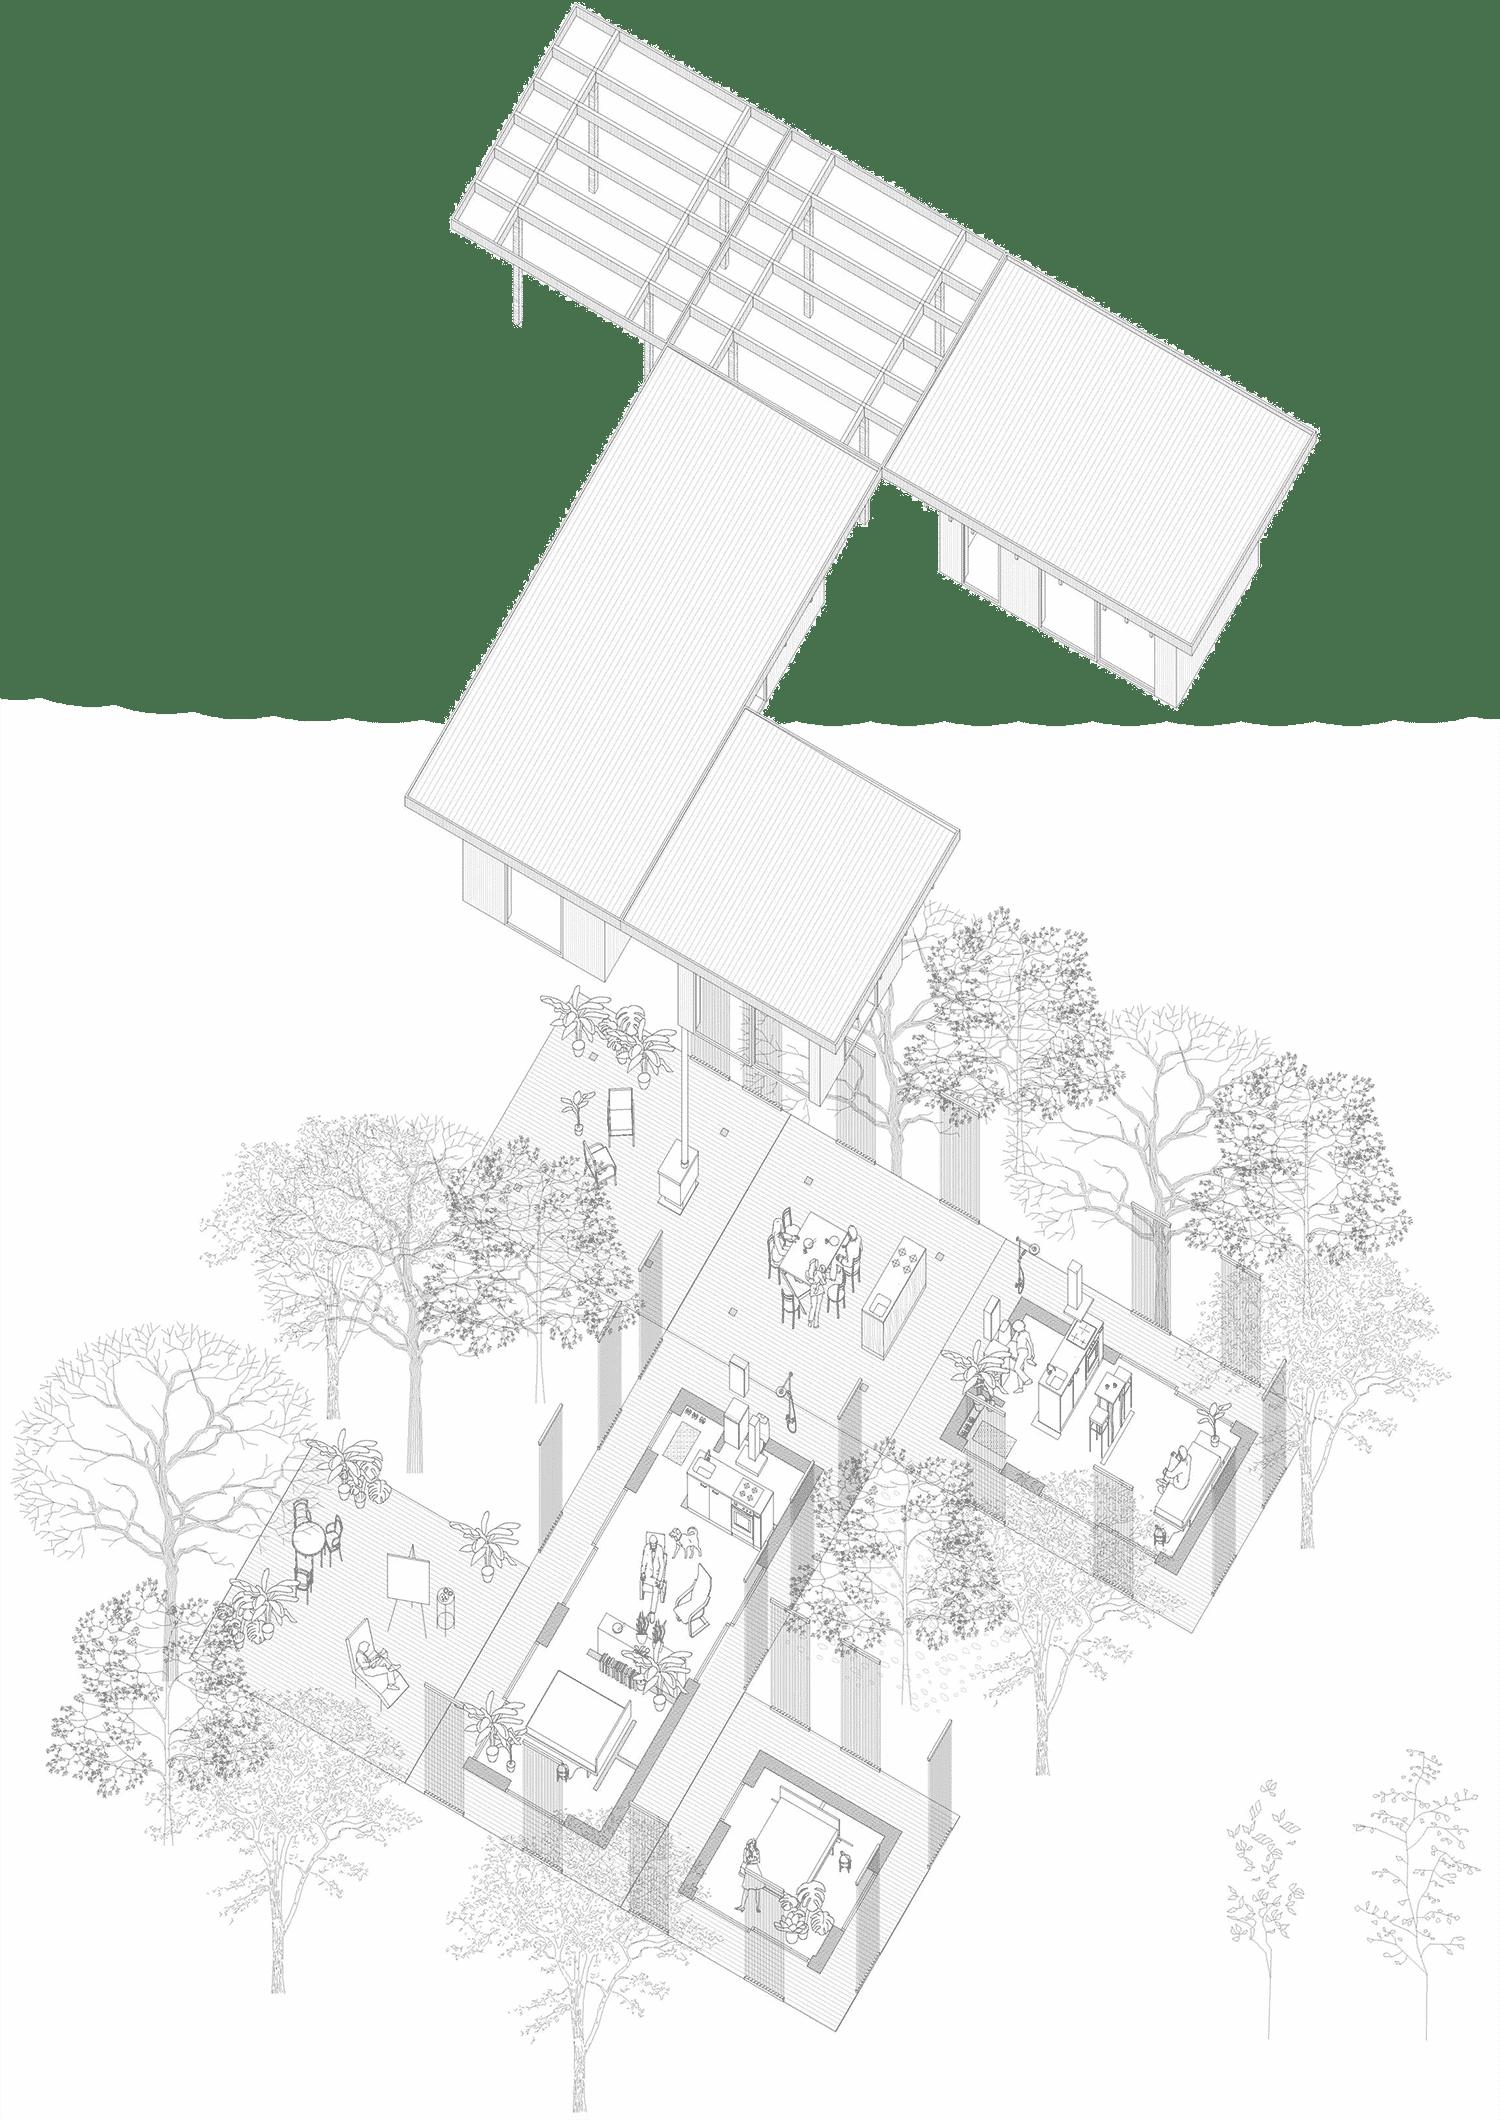 Sommarhus som kan kombineras